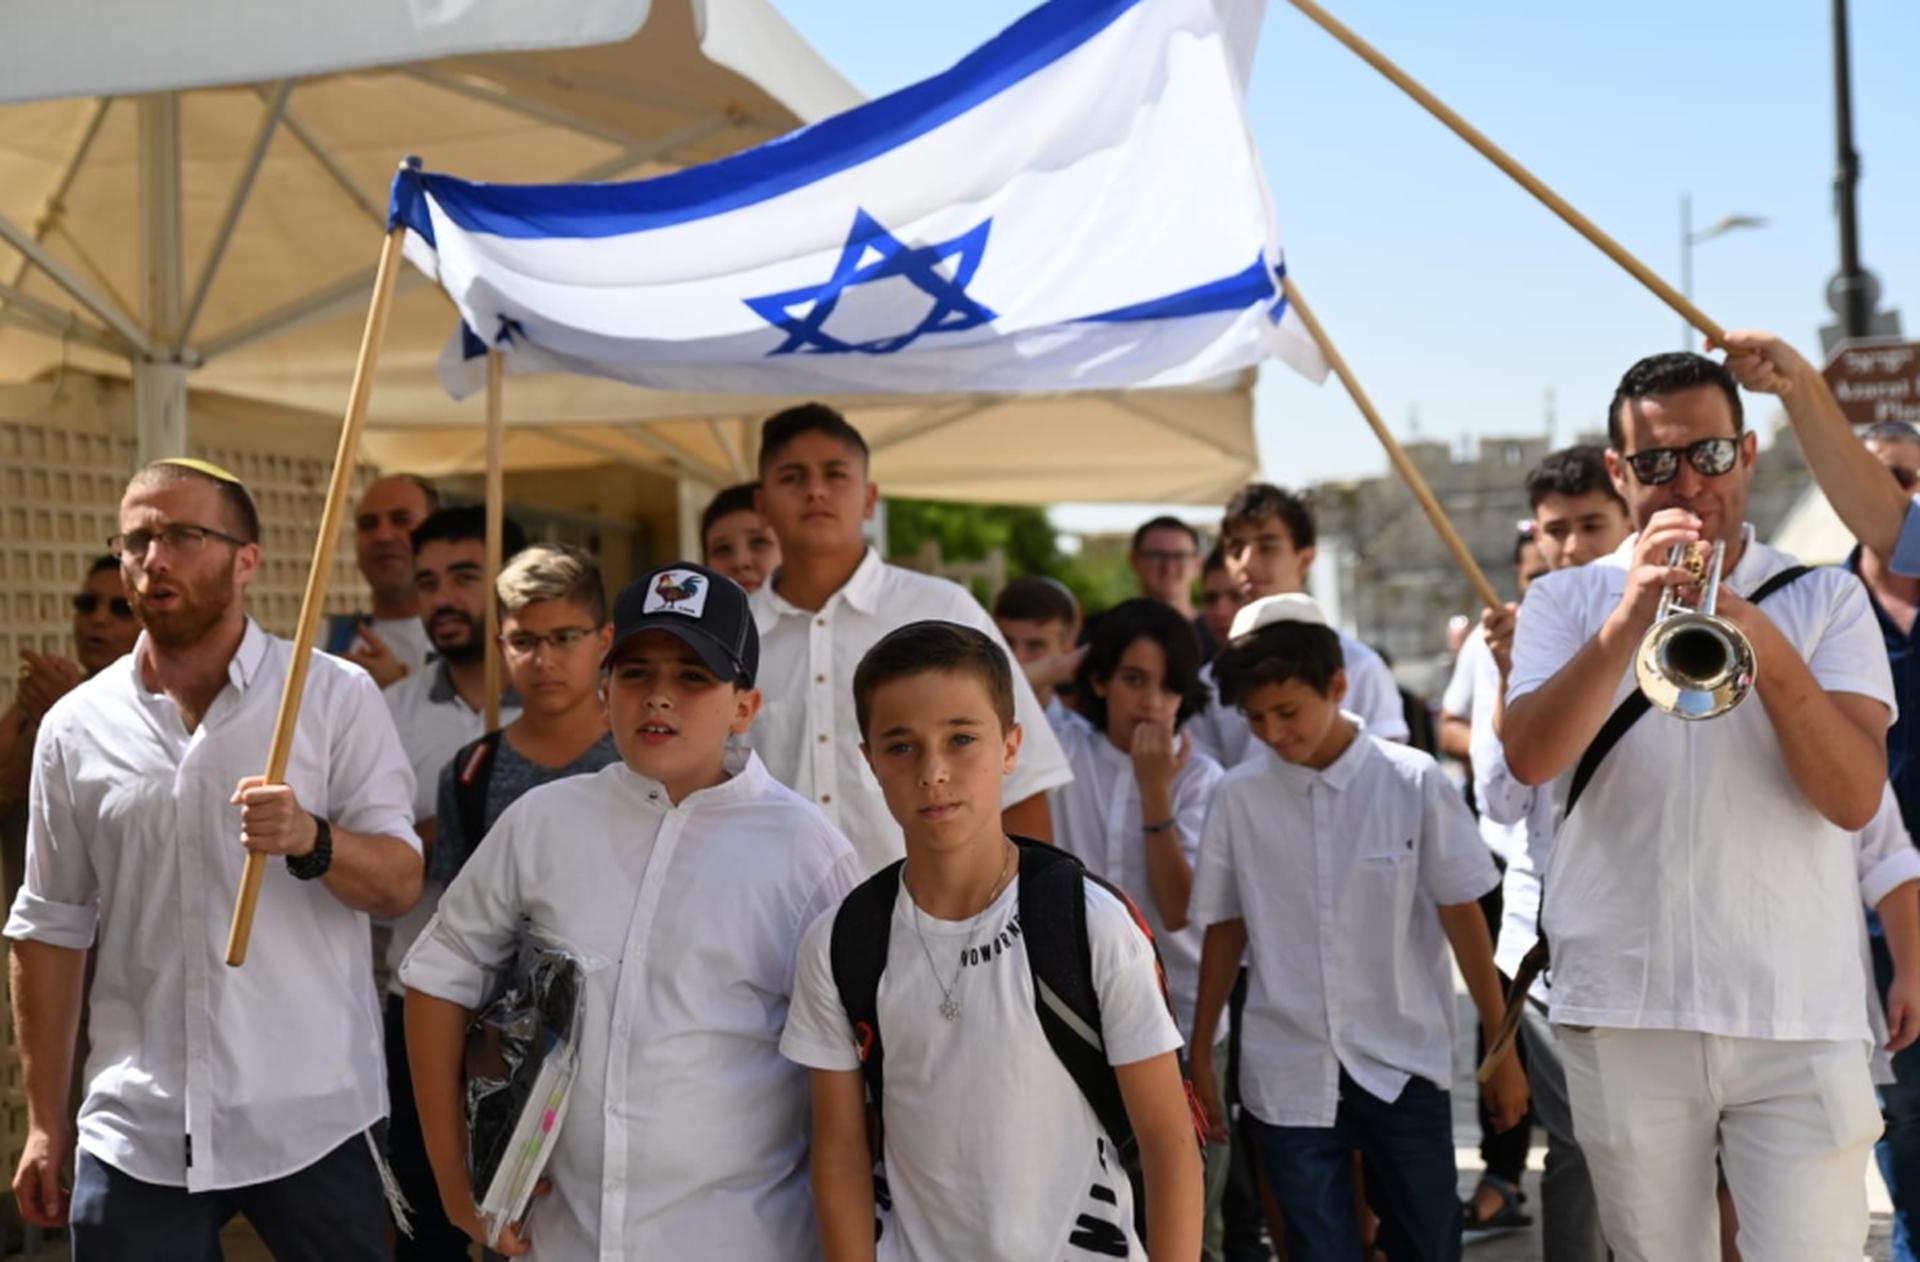 סיום בני מצווה במודיעין    צילום: זוסמנוביץ'